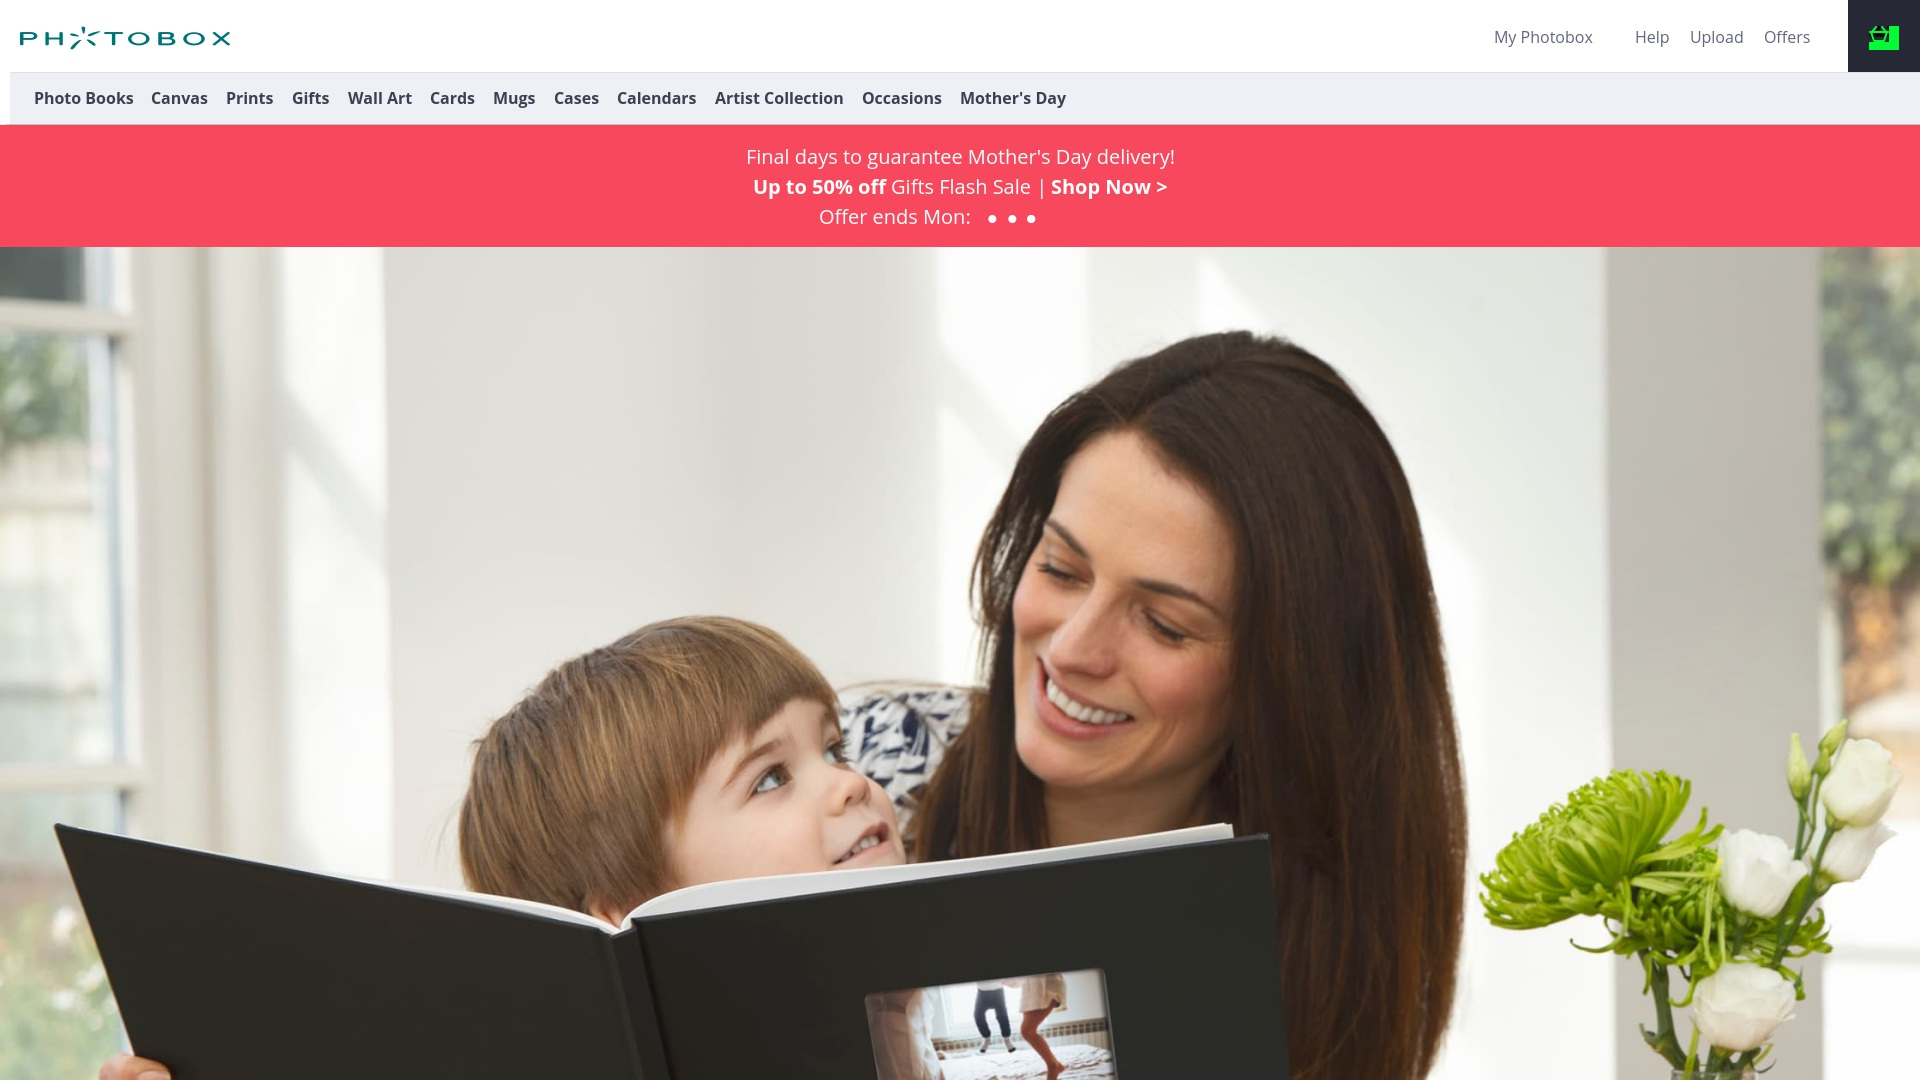 Gutschein für Photobox: Rabatte für  Photobox sichern